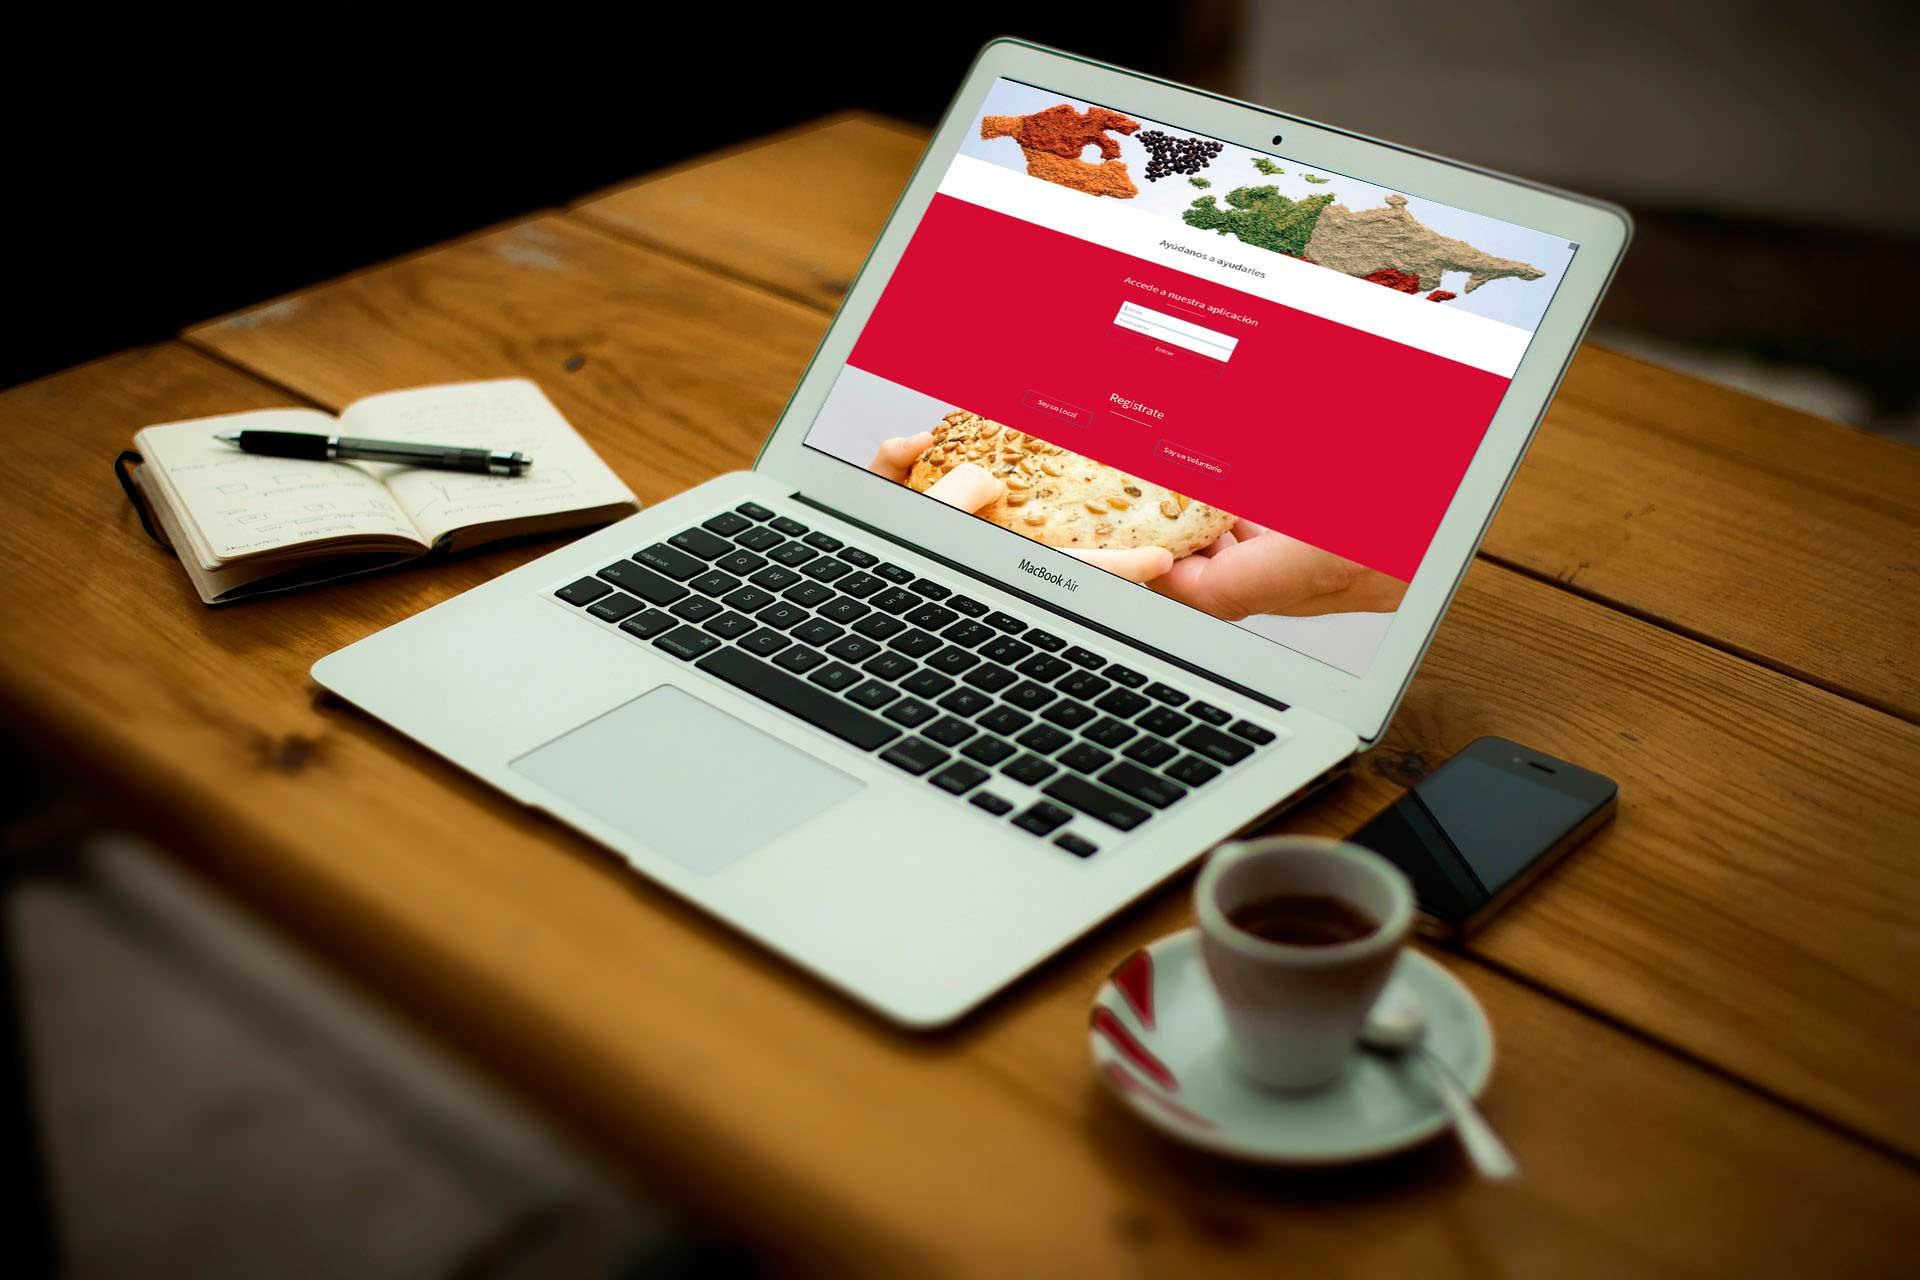 Desarrollo web&&en_ciudad&& red solidaria de alimentos